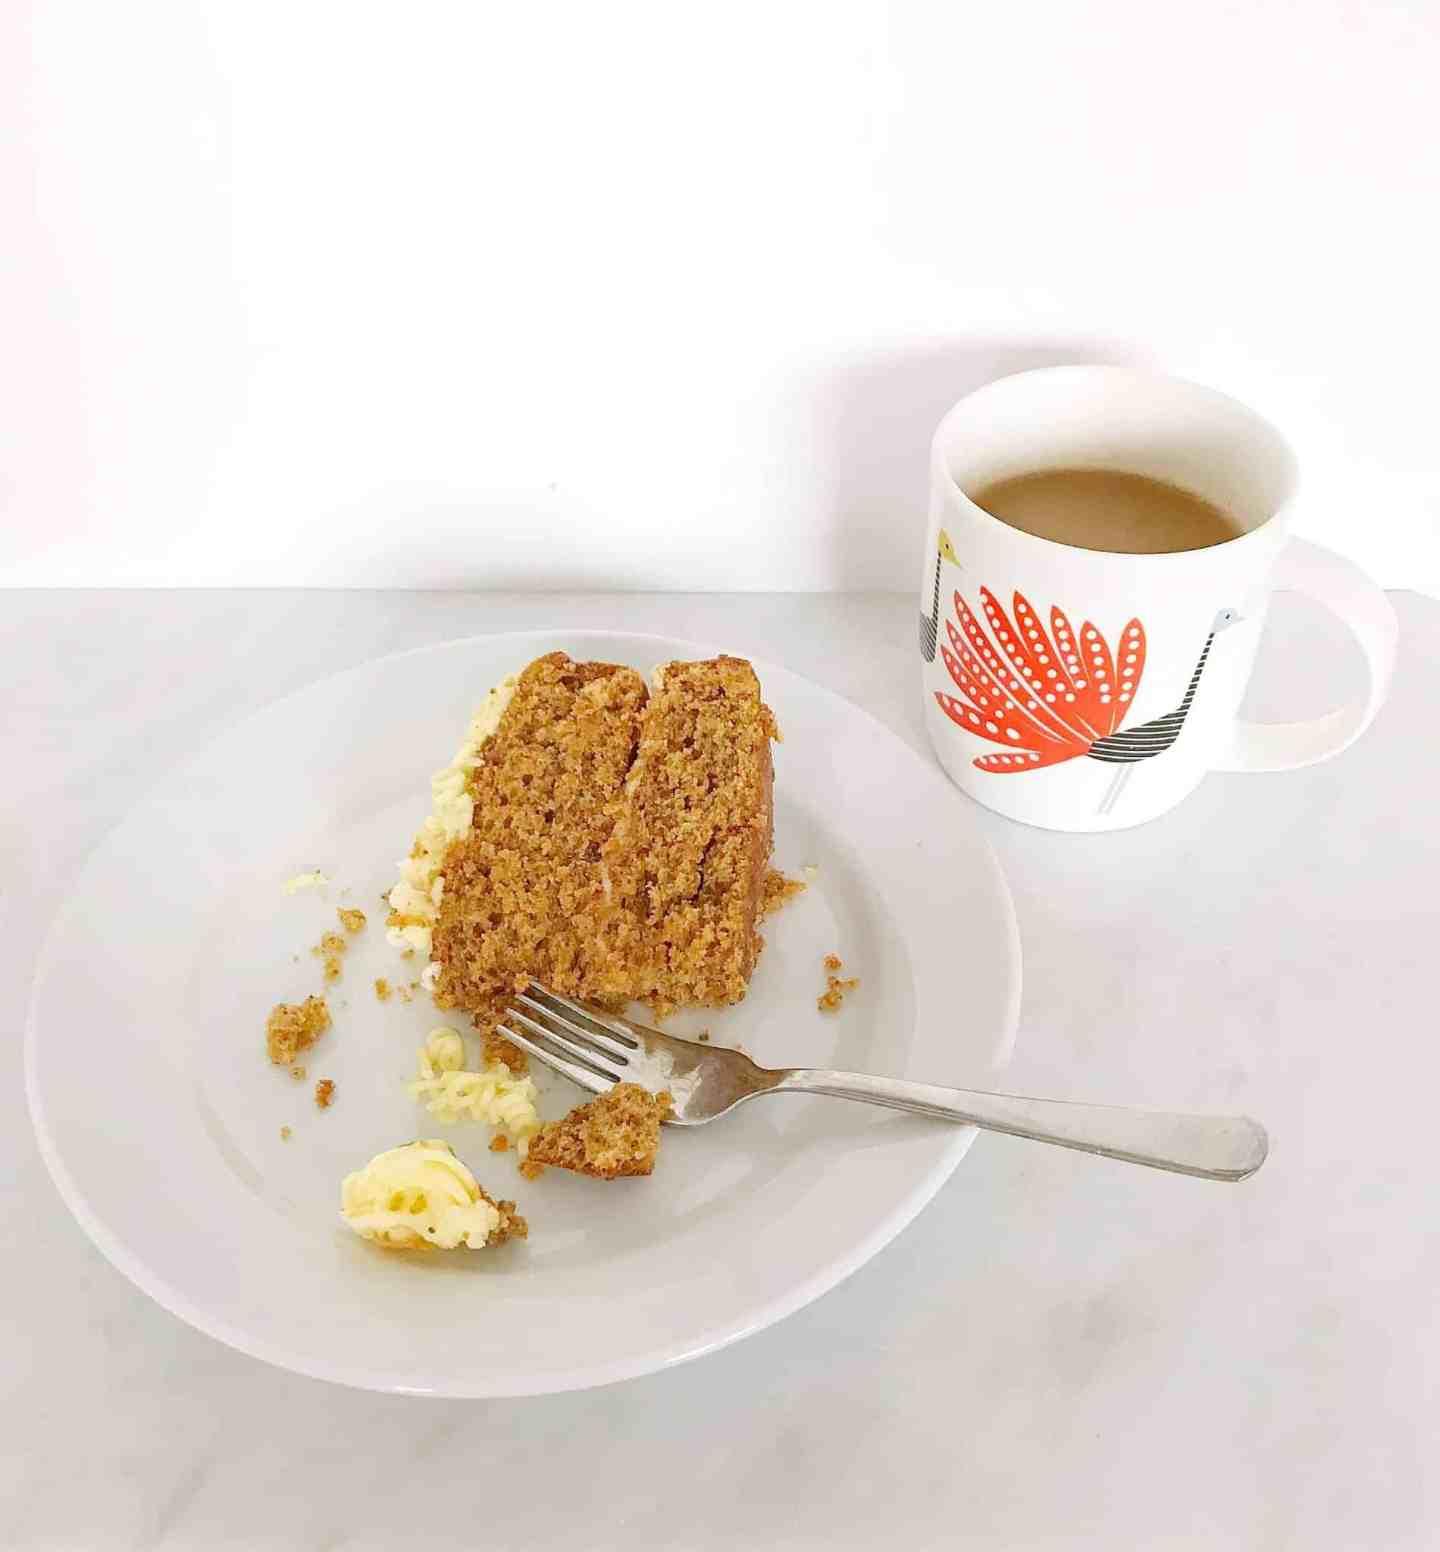 Home made carrot cake with tea